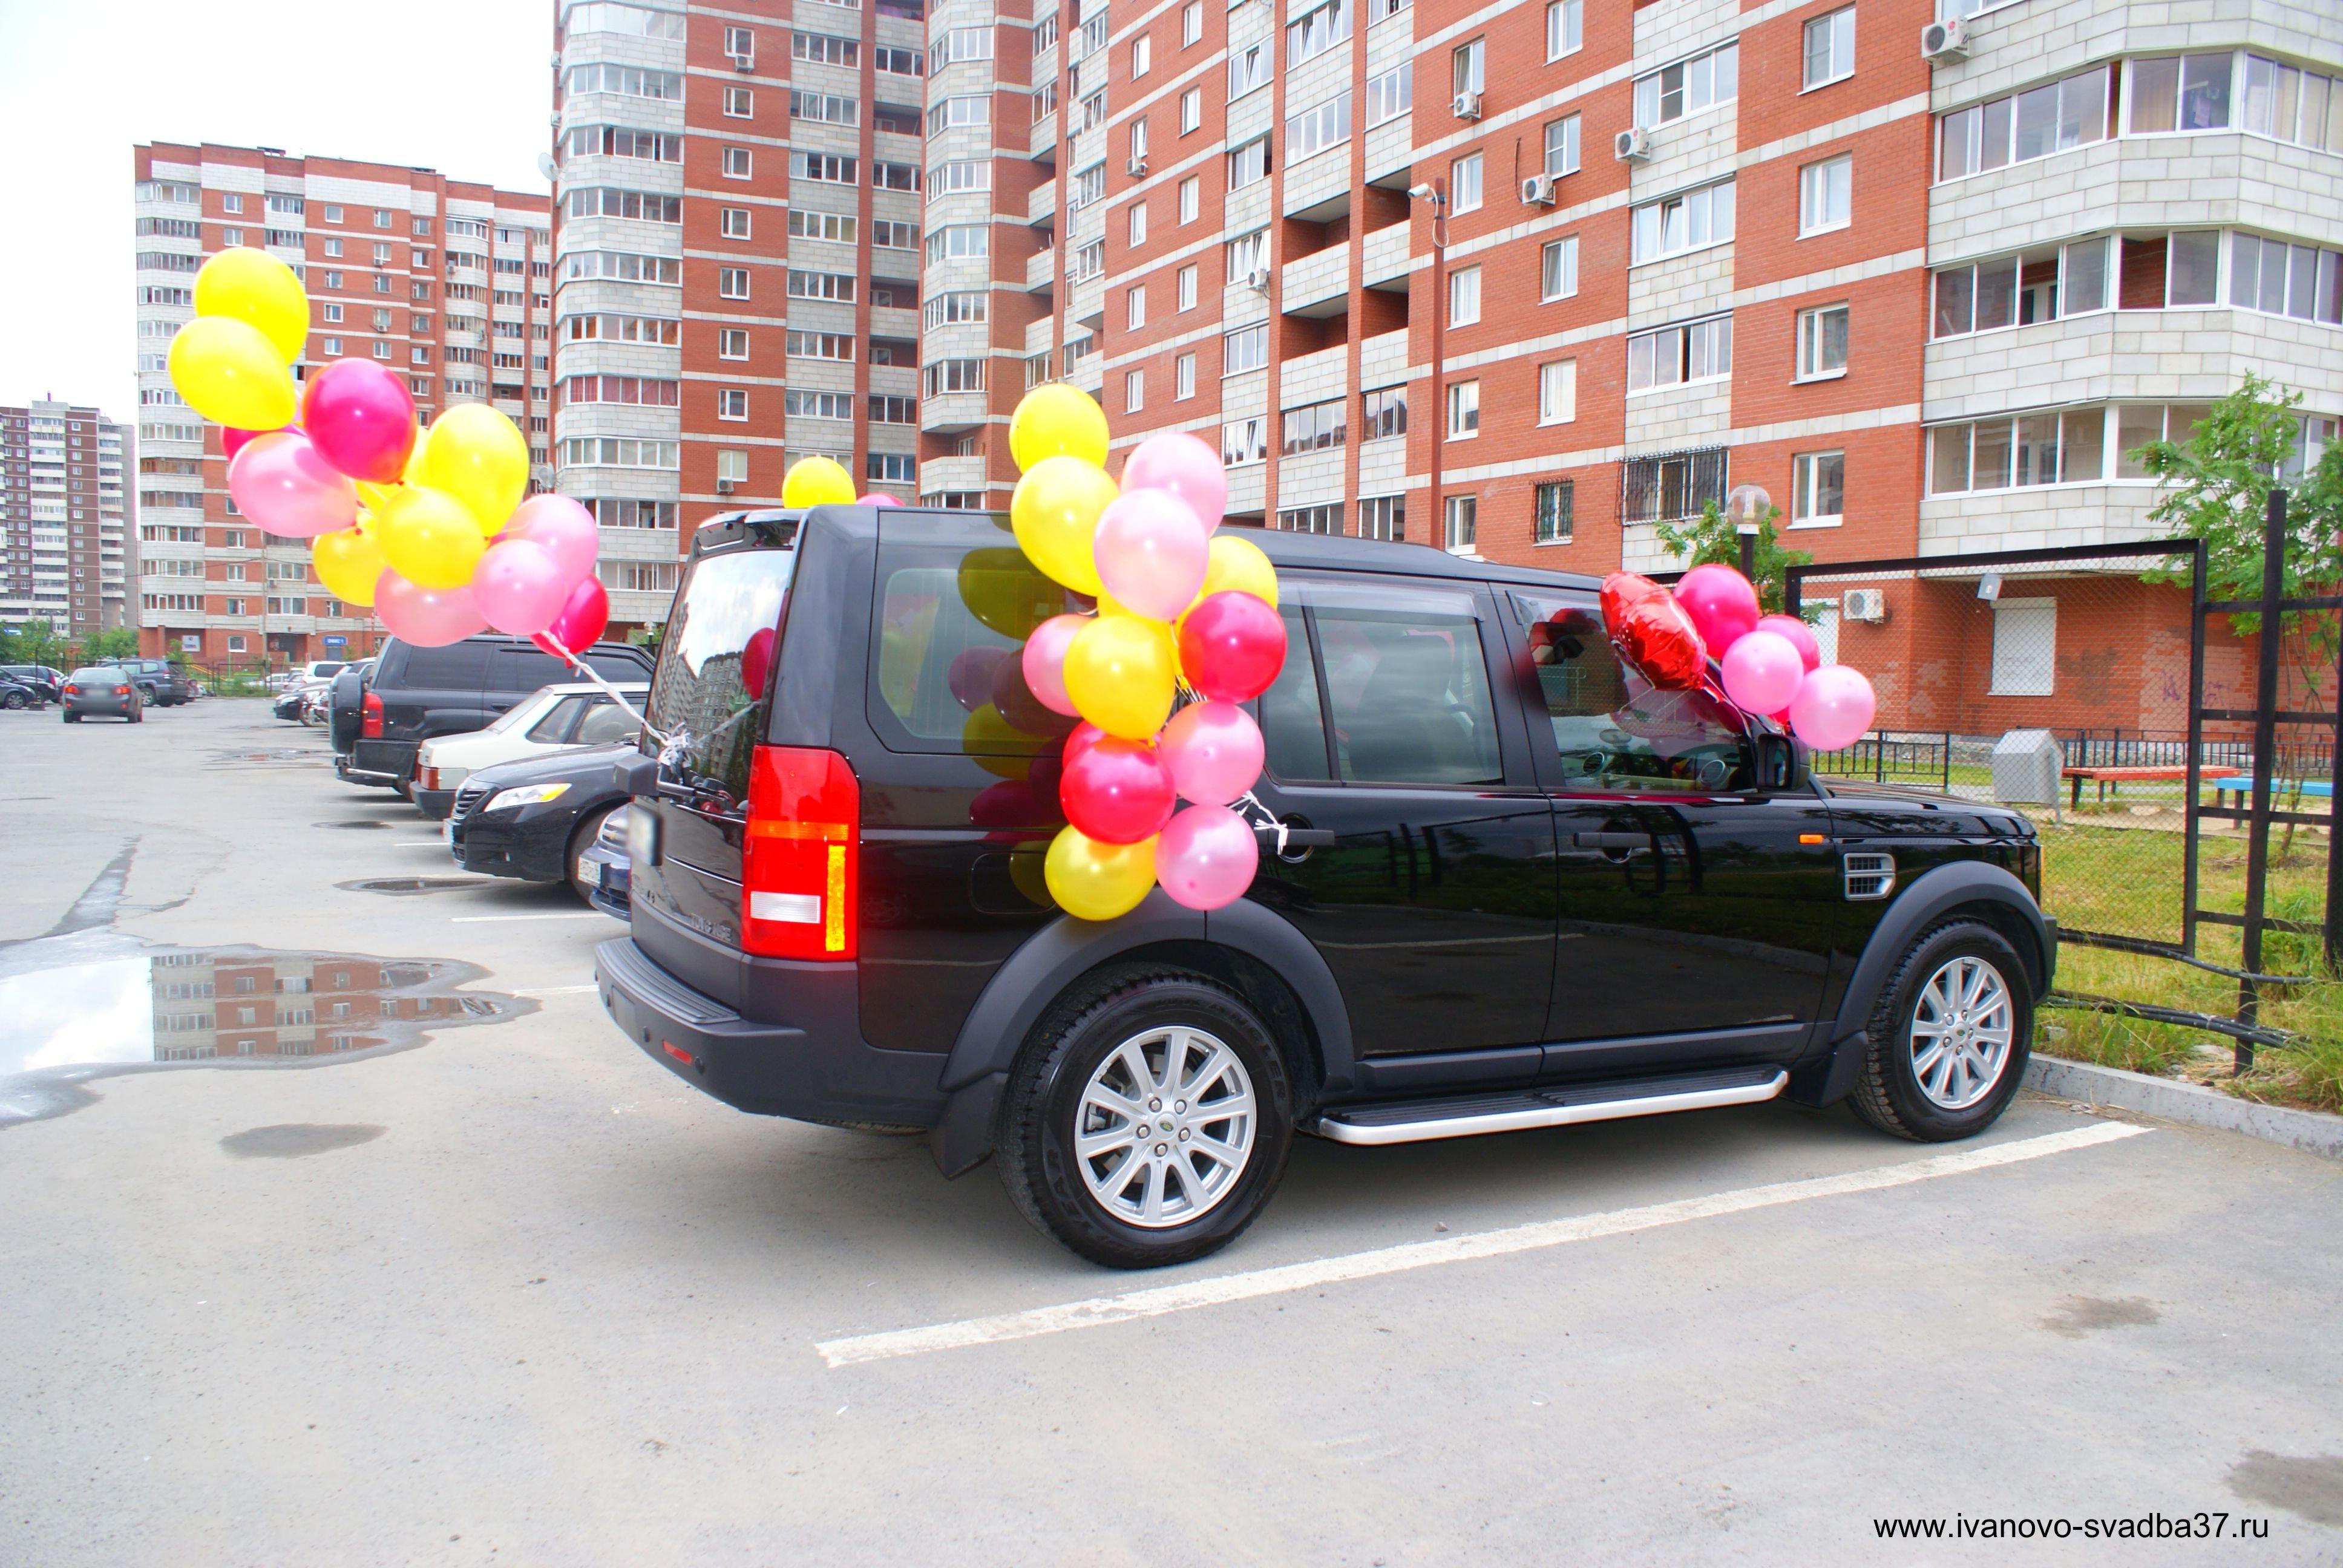 Свадебные украшения на машину своими руками. Как украсить машину на 97